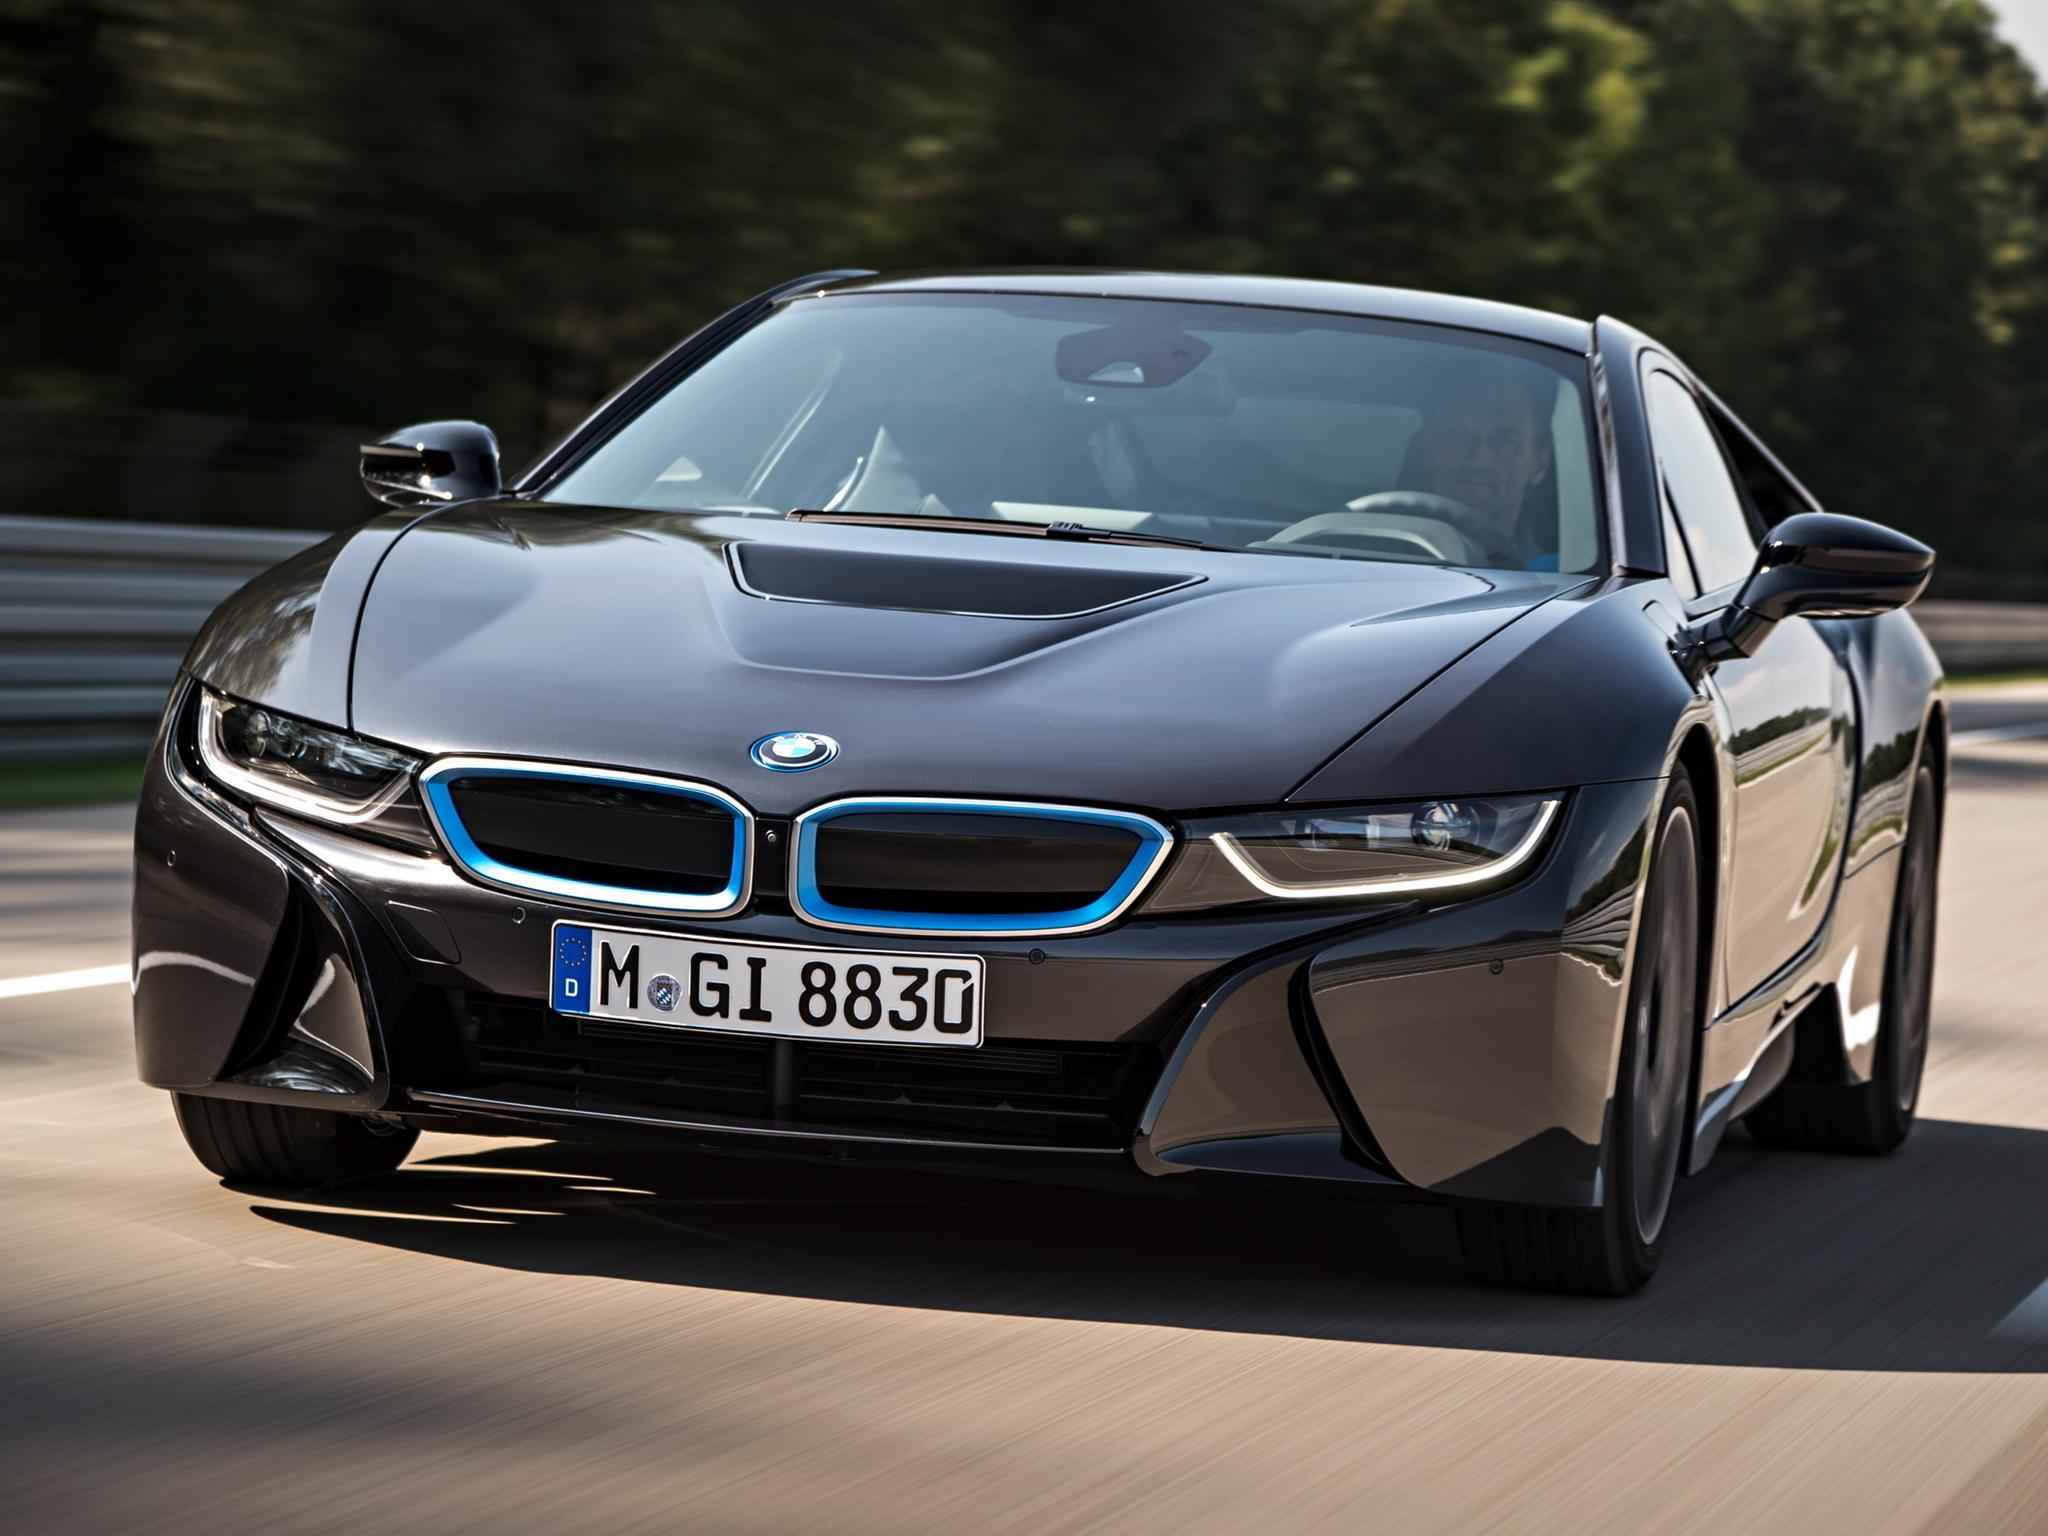 Картинки BMW скачать на рабочий стол, фото i8